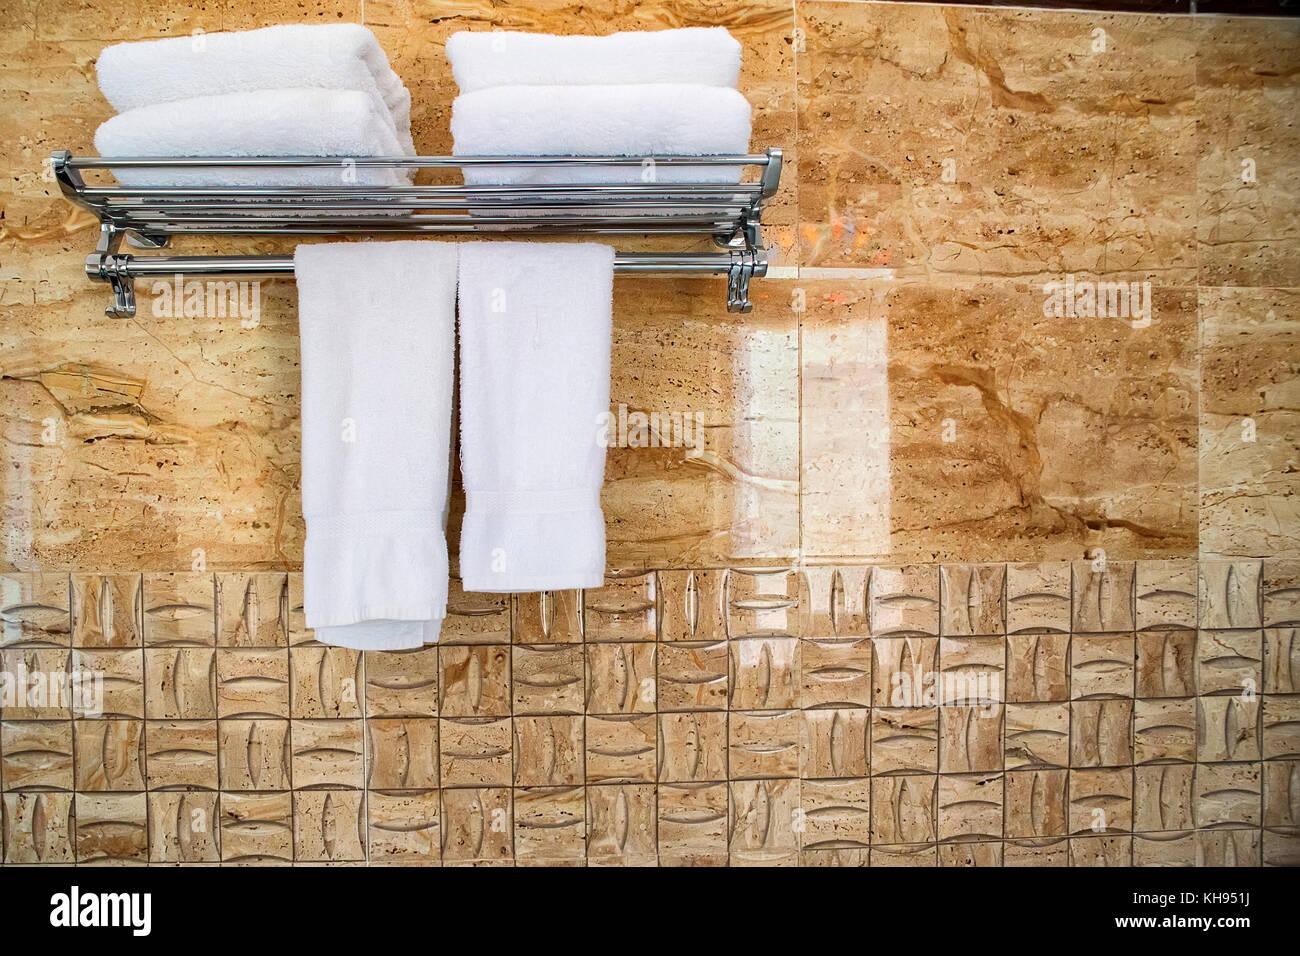 Sala Da Bagno In Inglese : Asciugamani da bagno in inglese: asciugamano da bagno in inglese